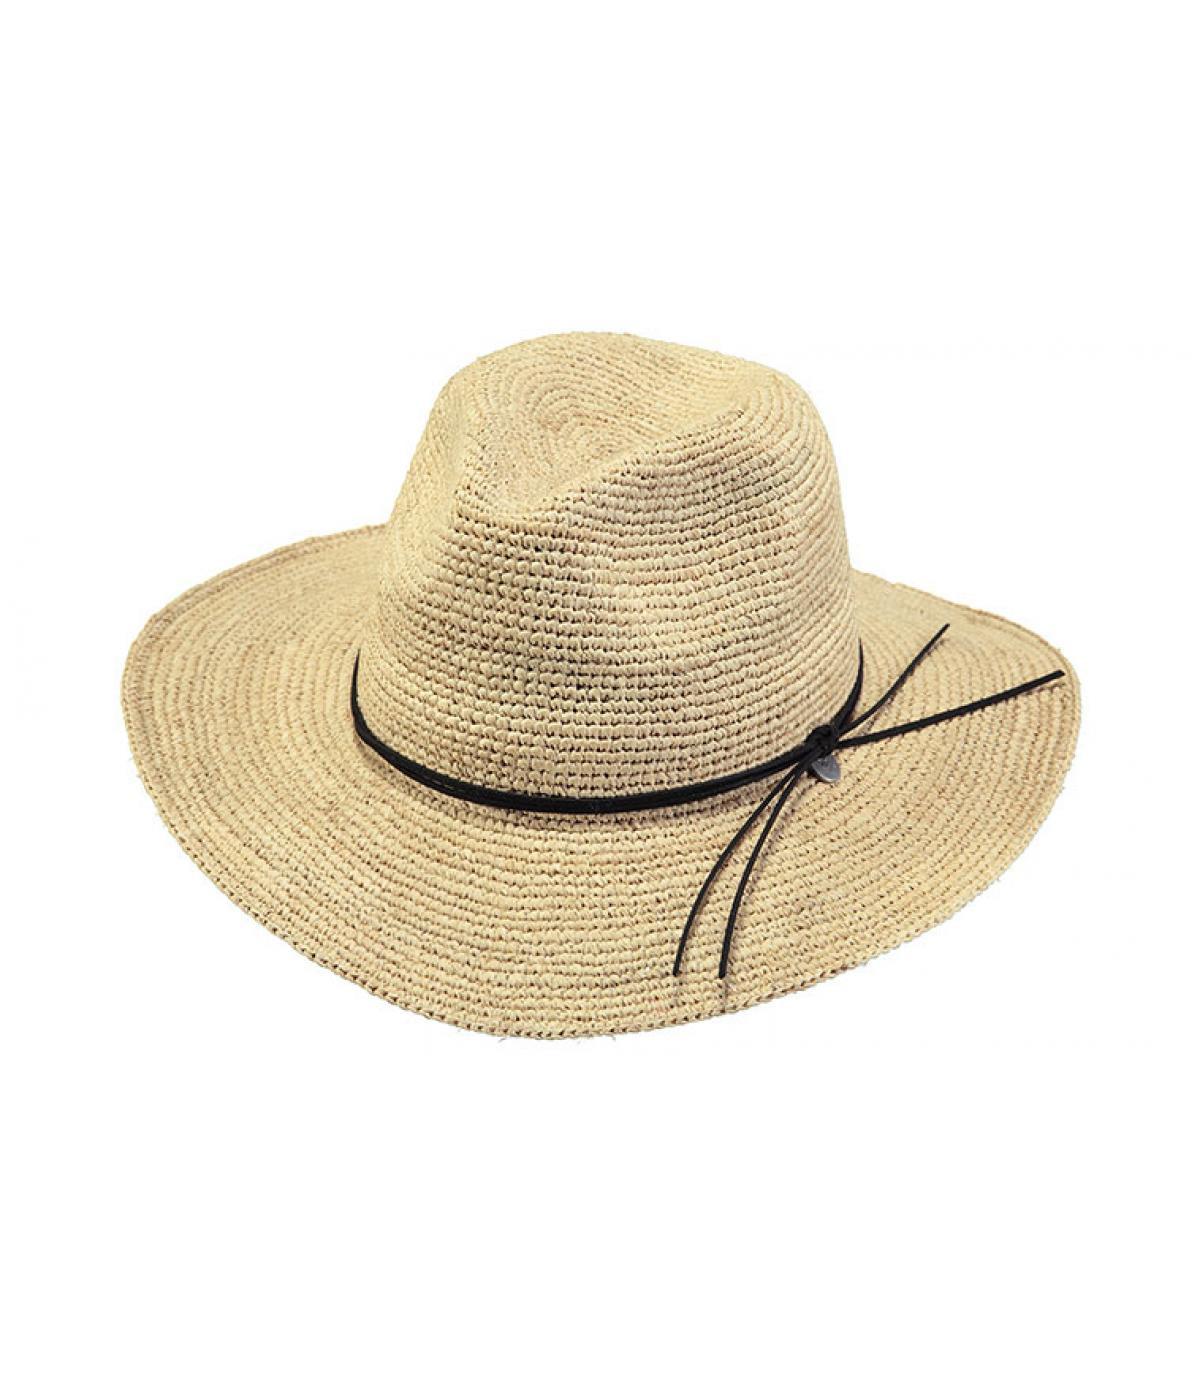 Details Celery Hat natural - afbeeling 2